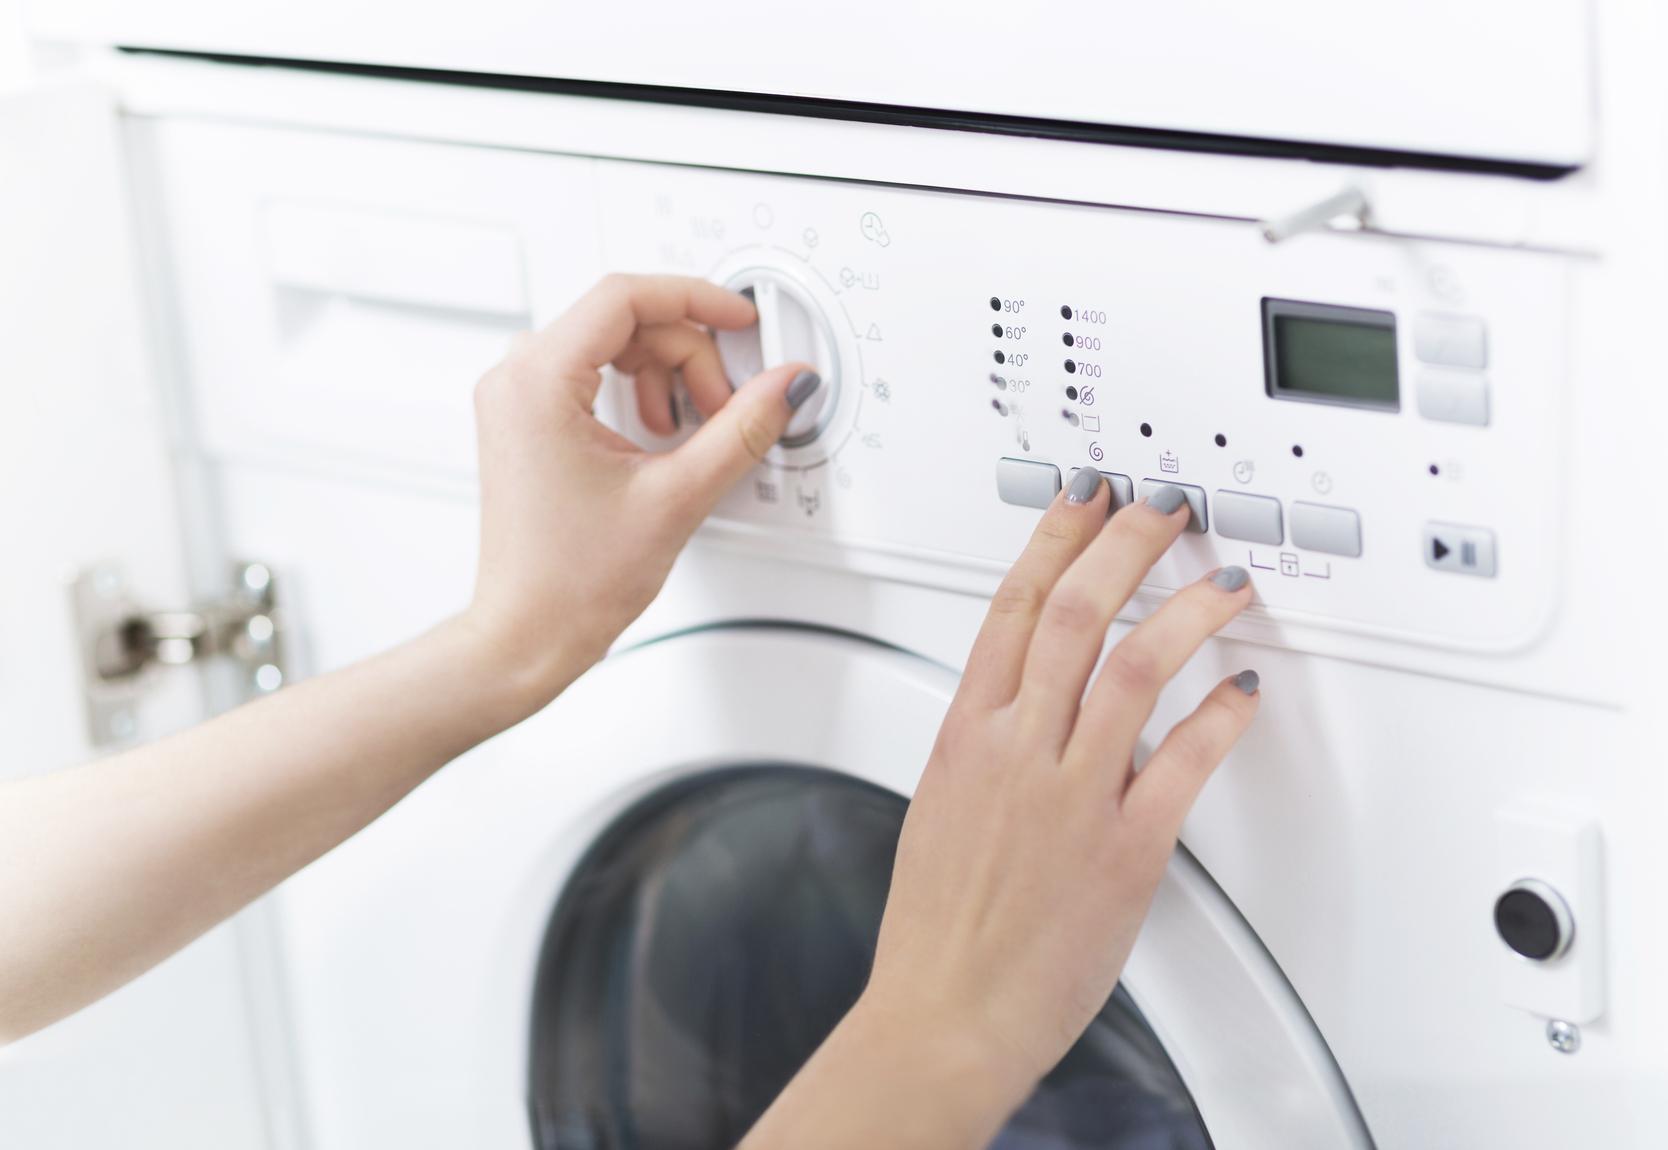 چرا ماشین لباسشویی صدای زیادی دارد؟ | نمایندگی